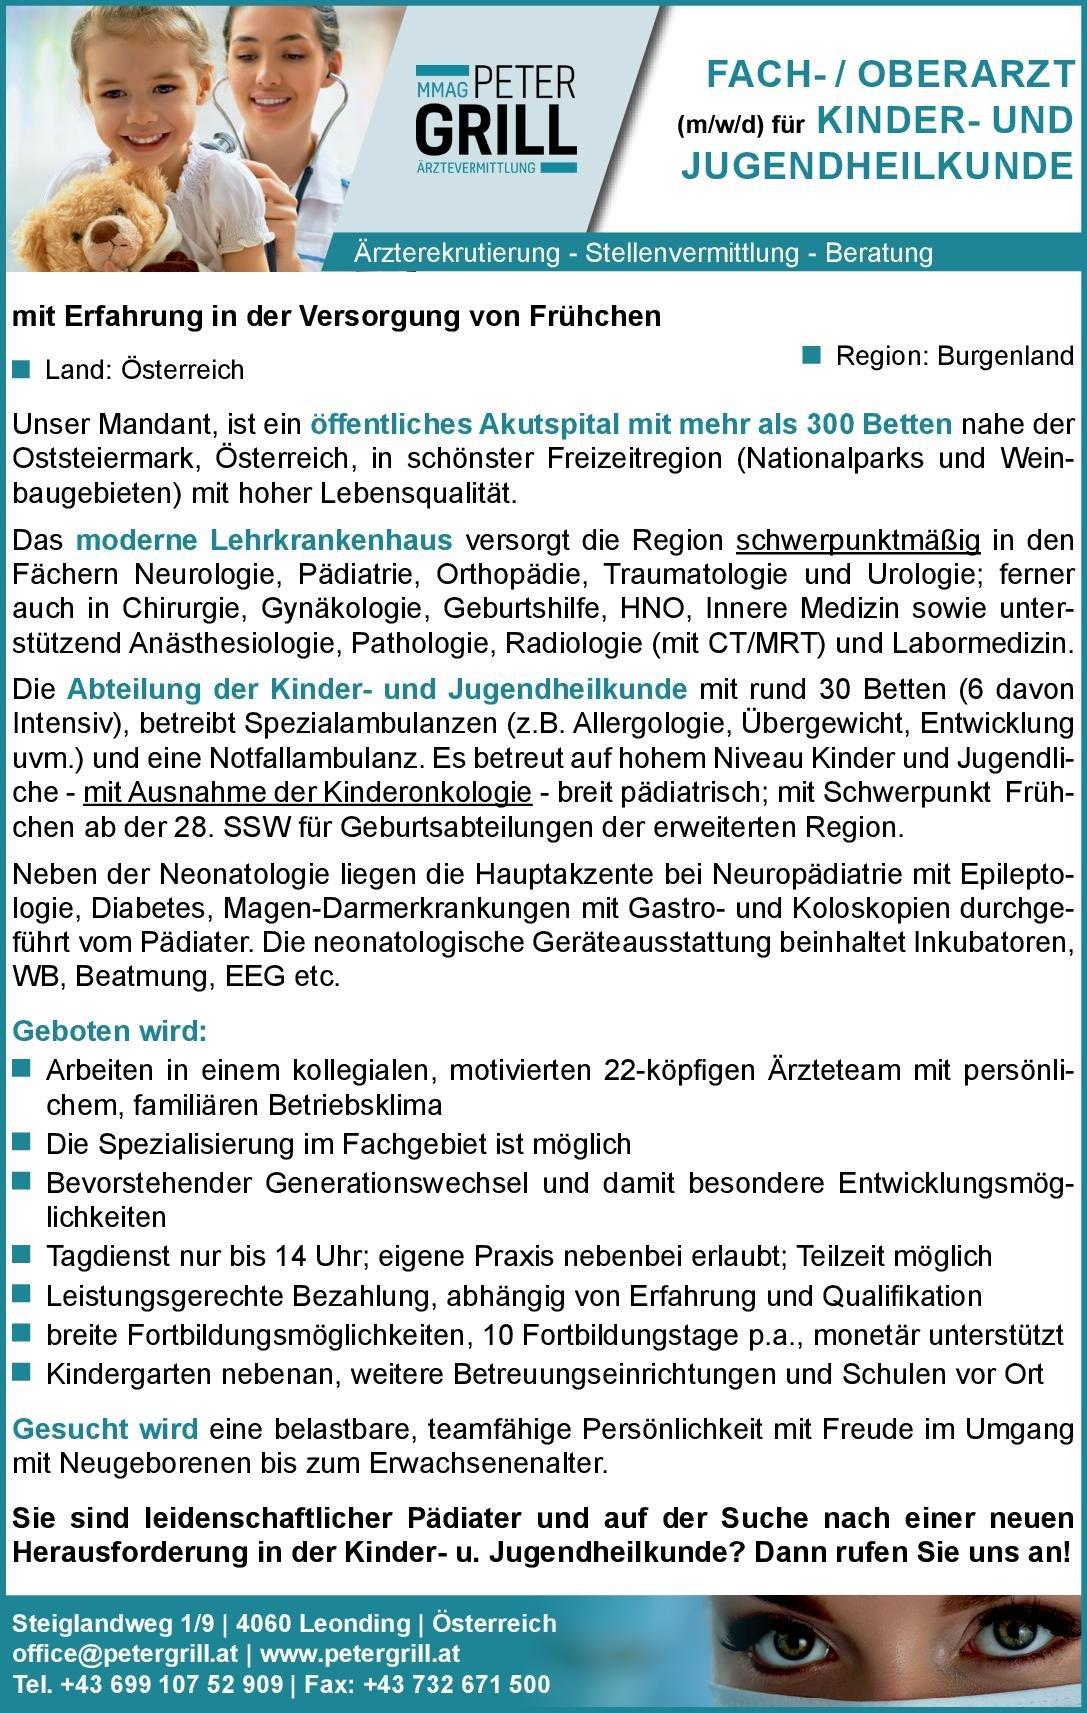 Peter Grill Ärztevermittlung Oberarzt (m/w/d) Kinder- und Jugendmedizin  Kinder- und Jugendmedizin, Kinder- und Jugendmedizin Oberarzt